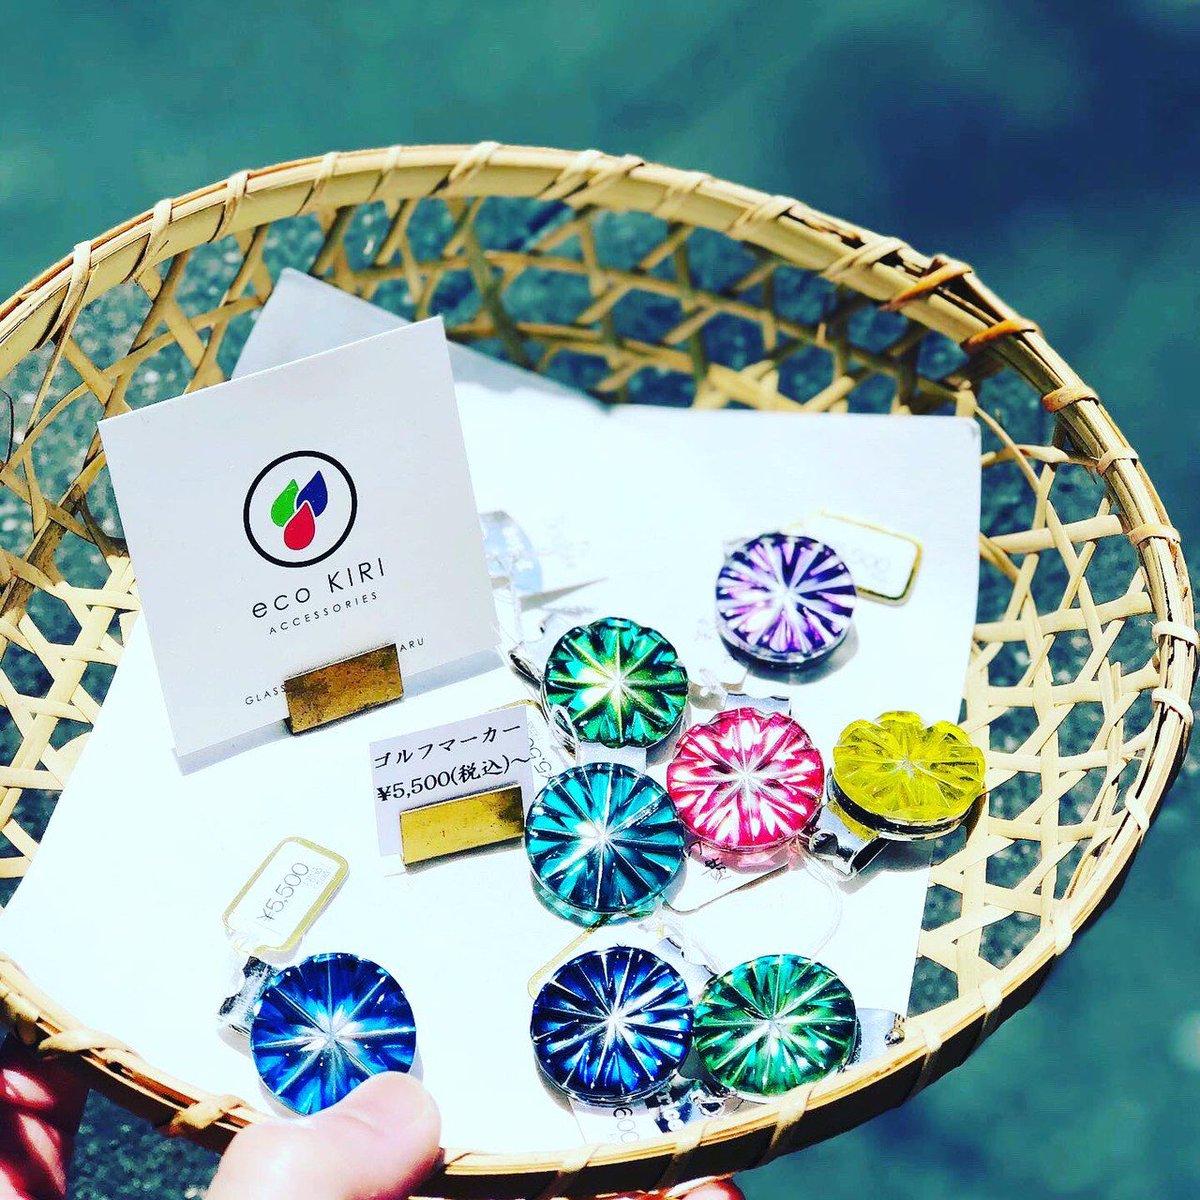 これからの季節🌻 太陽の下で使いたい。 グリーンの上でキラキラと。 シンプルファションにサラリと。  #茶 #日本茶 #日本茶専門店 #日本茶スタンド #ecoKIRI #エコキリ #薩摩切子 #鹿児島 #贈り物 #弟子丸 https://t.co/iHG6T2y2i1